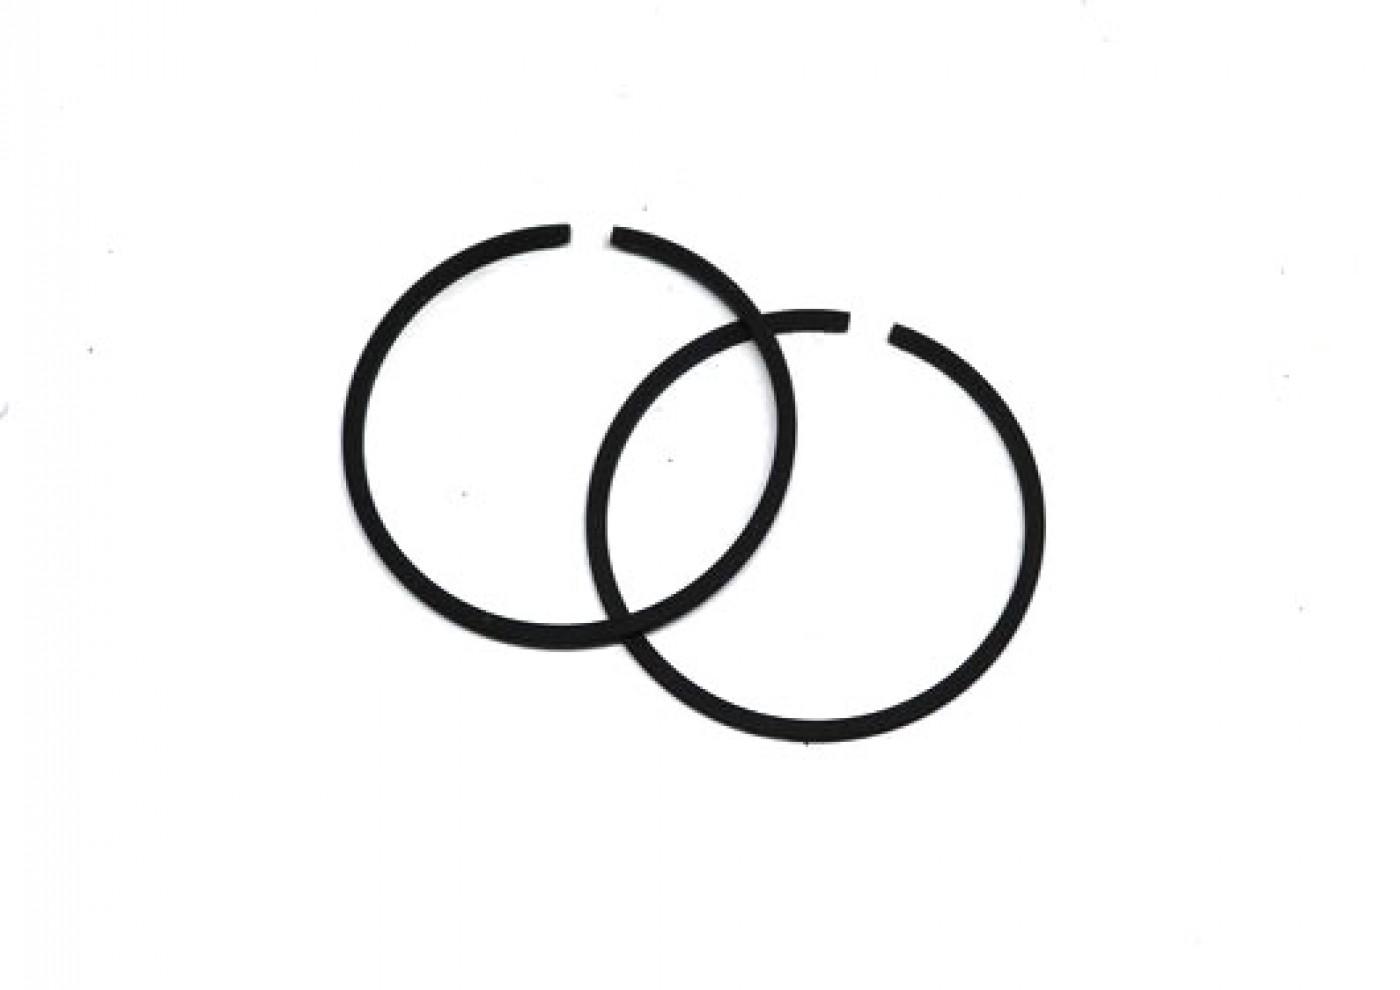 Sada pístních kroužků - 42,5 mm